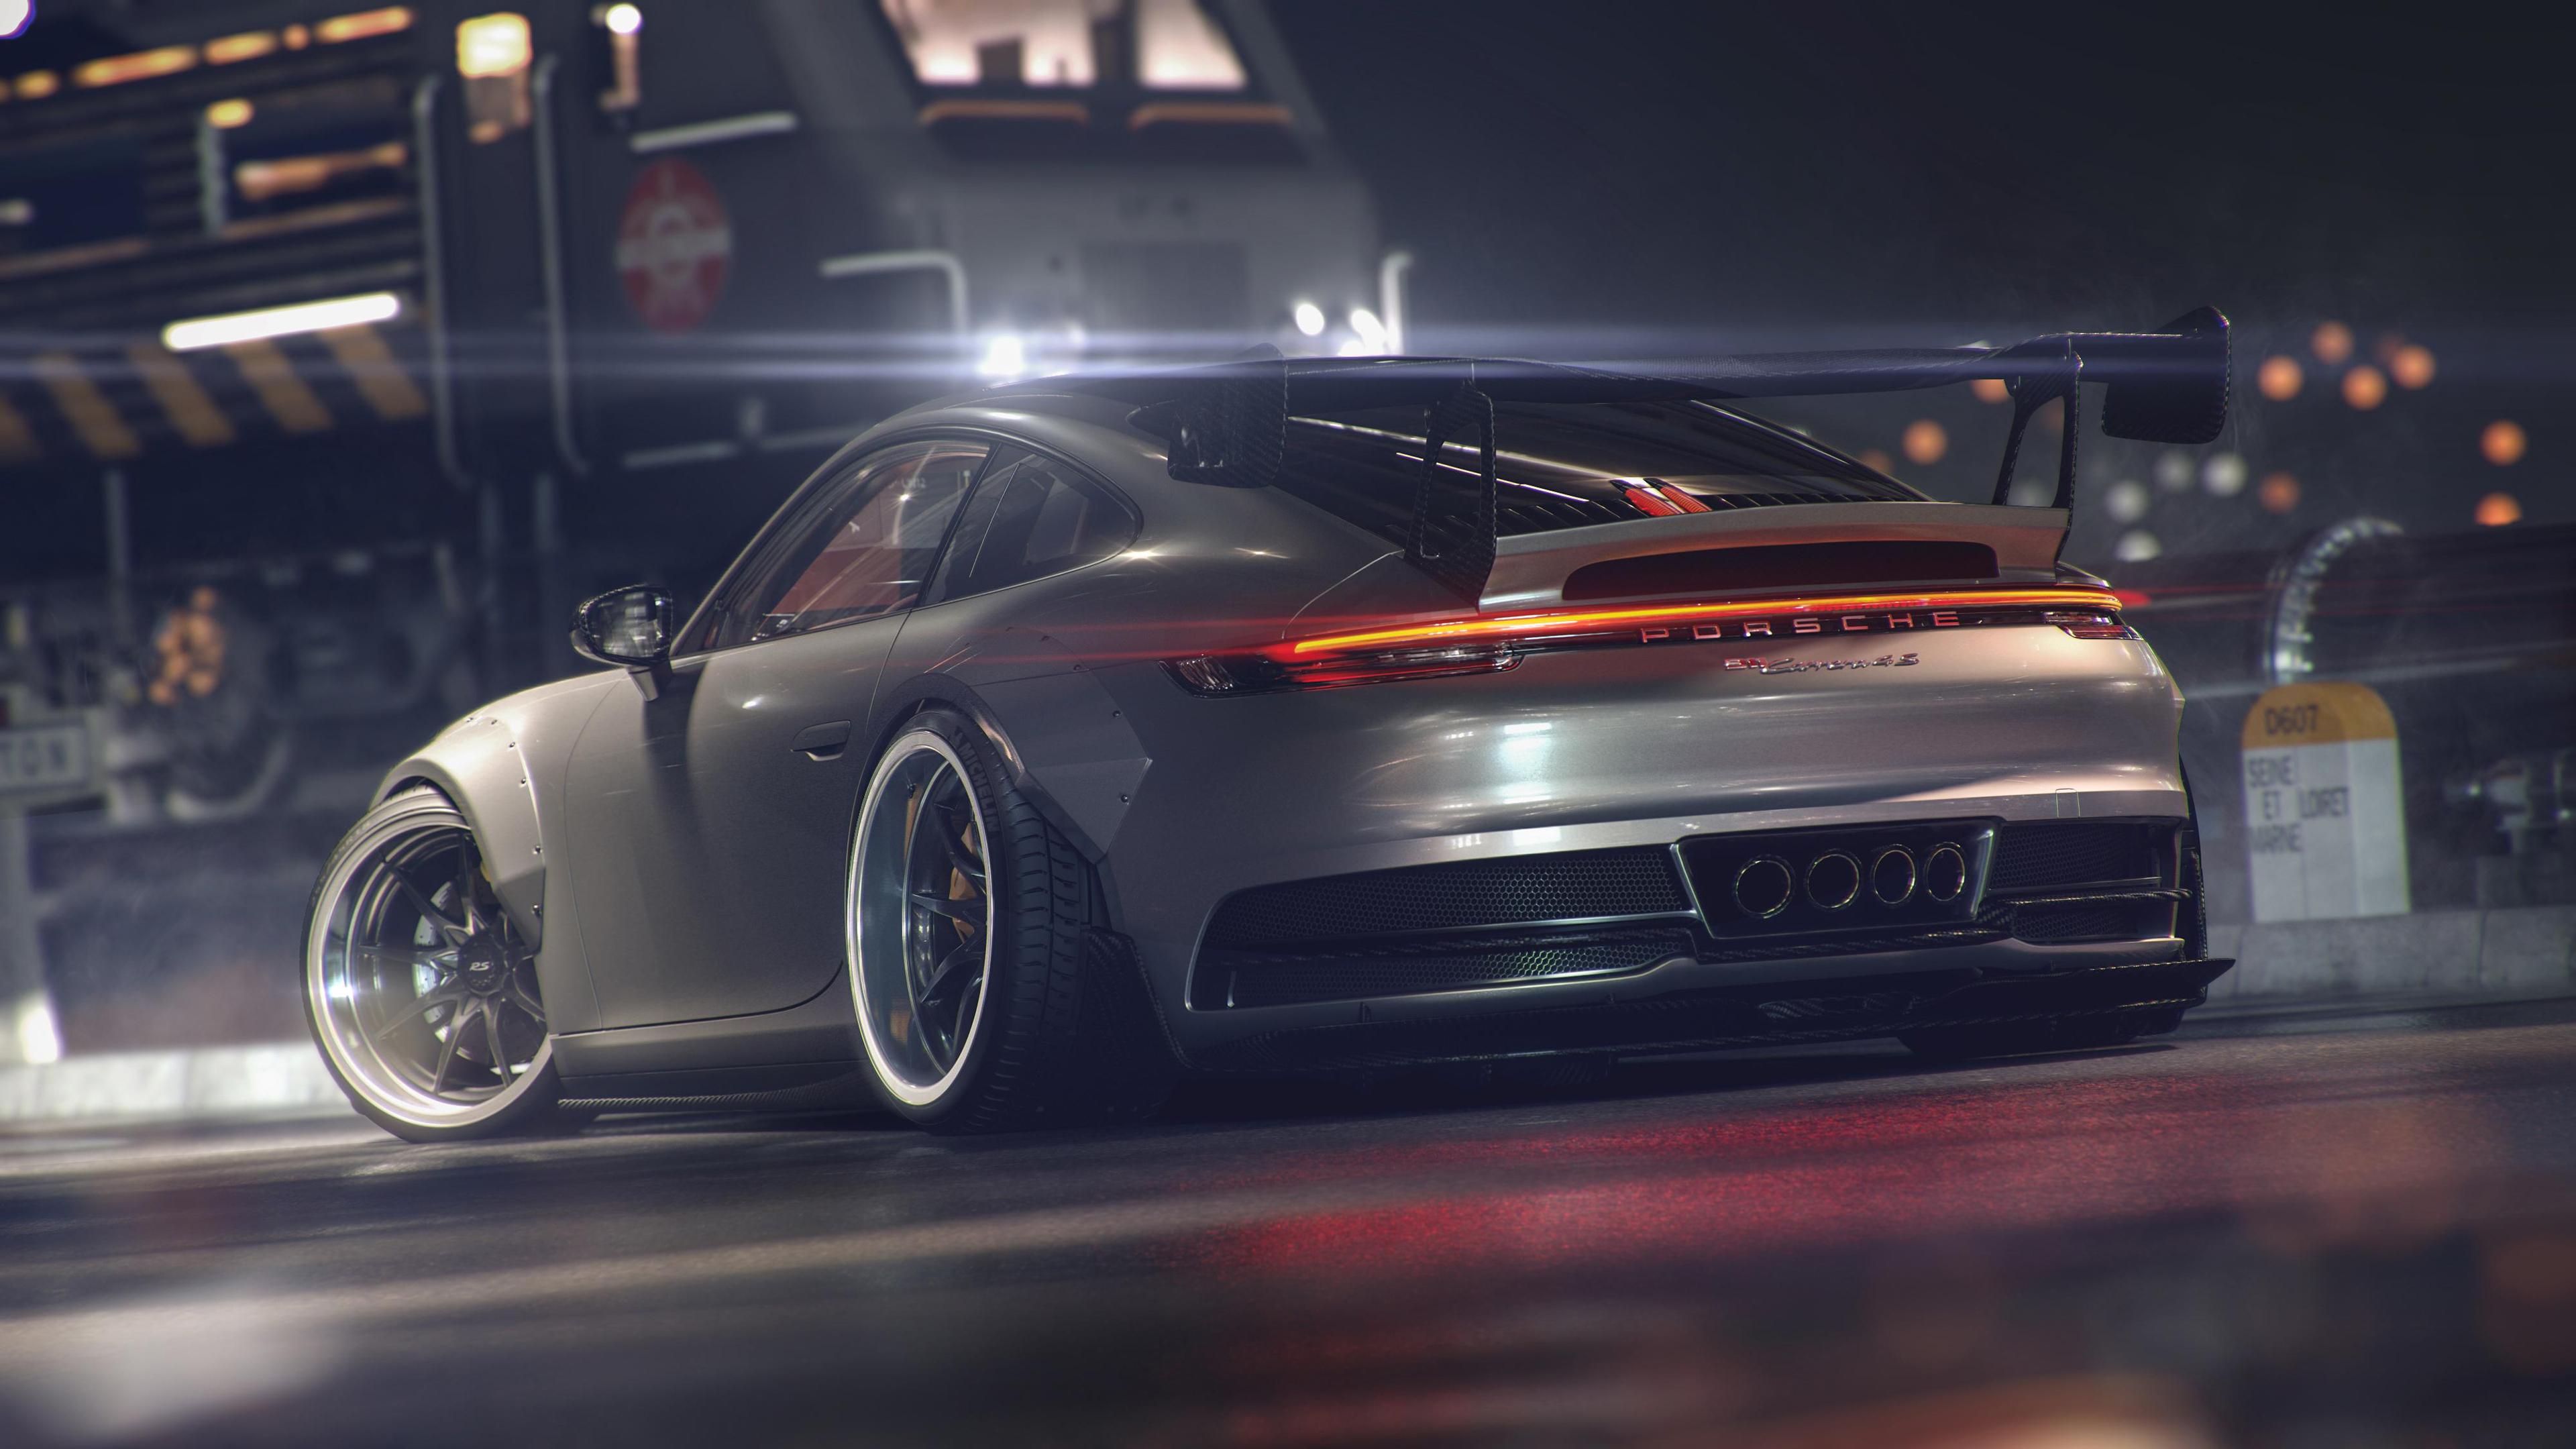 Porsche GT3 911 GT Rear 4k porsche wallpapers, porsche gt3 ...